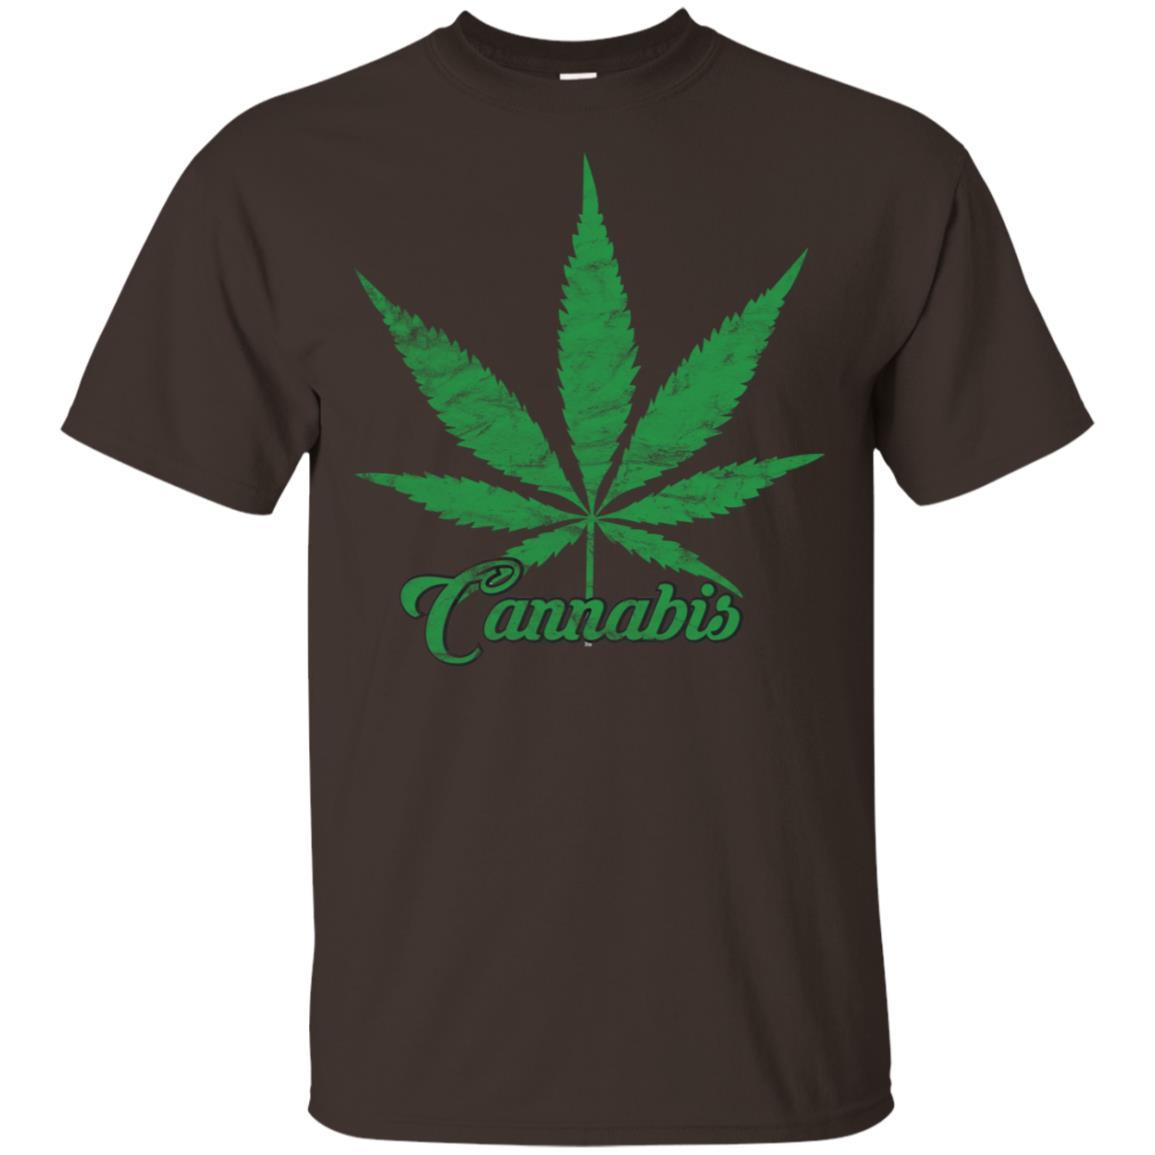 Cannabis Marijuana Distressed Retro Vintage 420-1 Unisex Short Sleeve